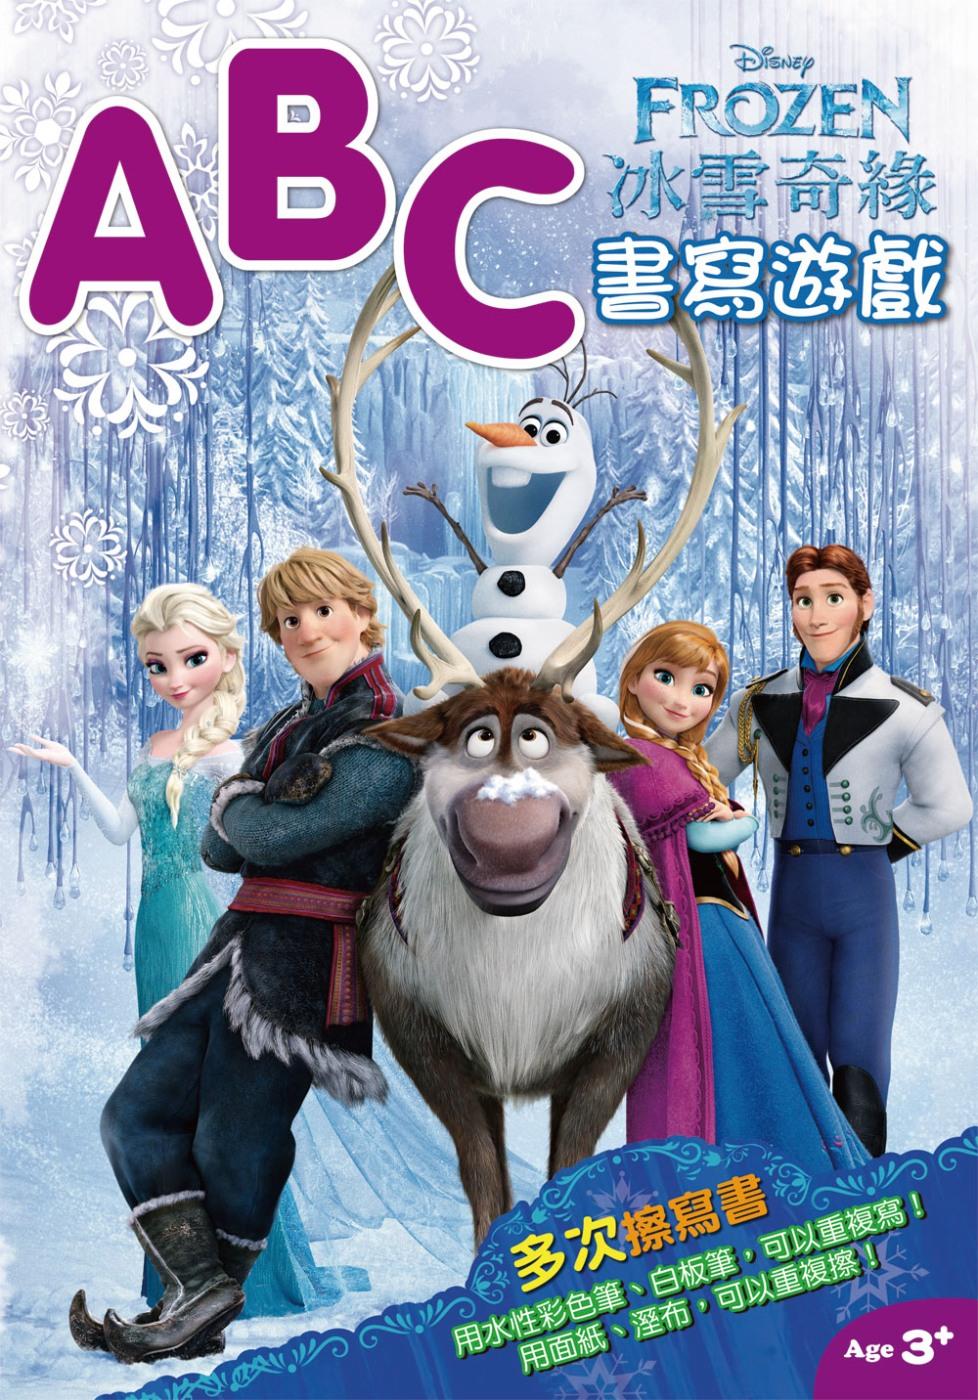 冰雪奇緣幼兒運筆練習描寫本:ABC書寫遊戲 (多次擦寫書)